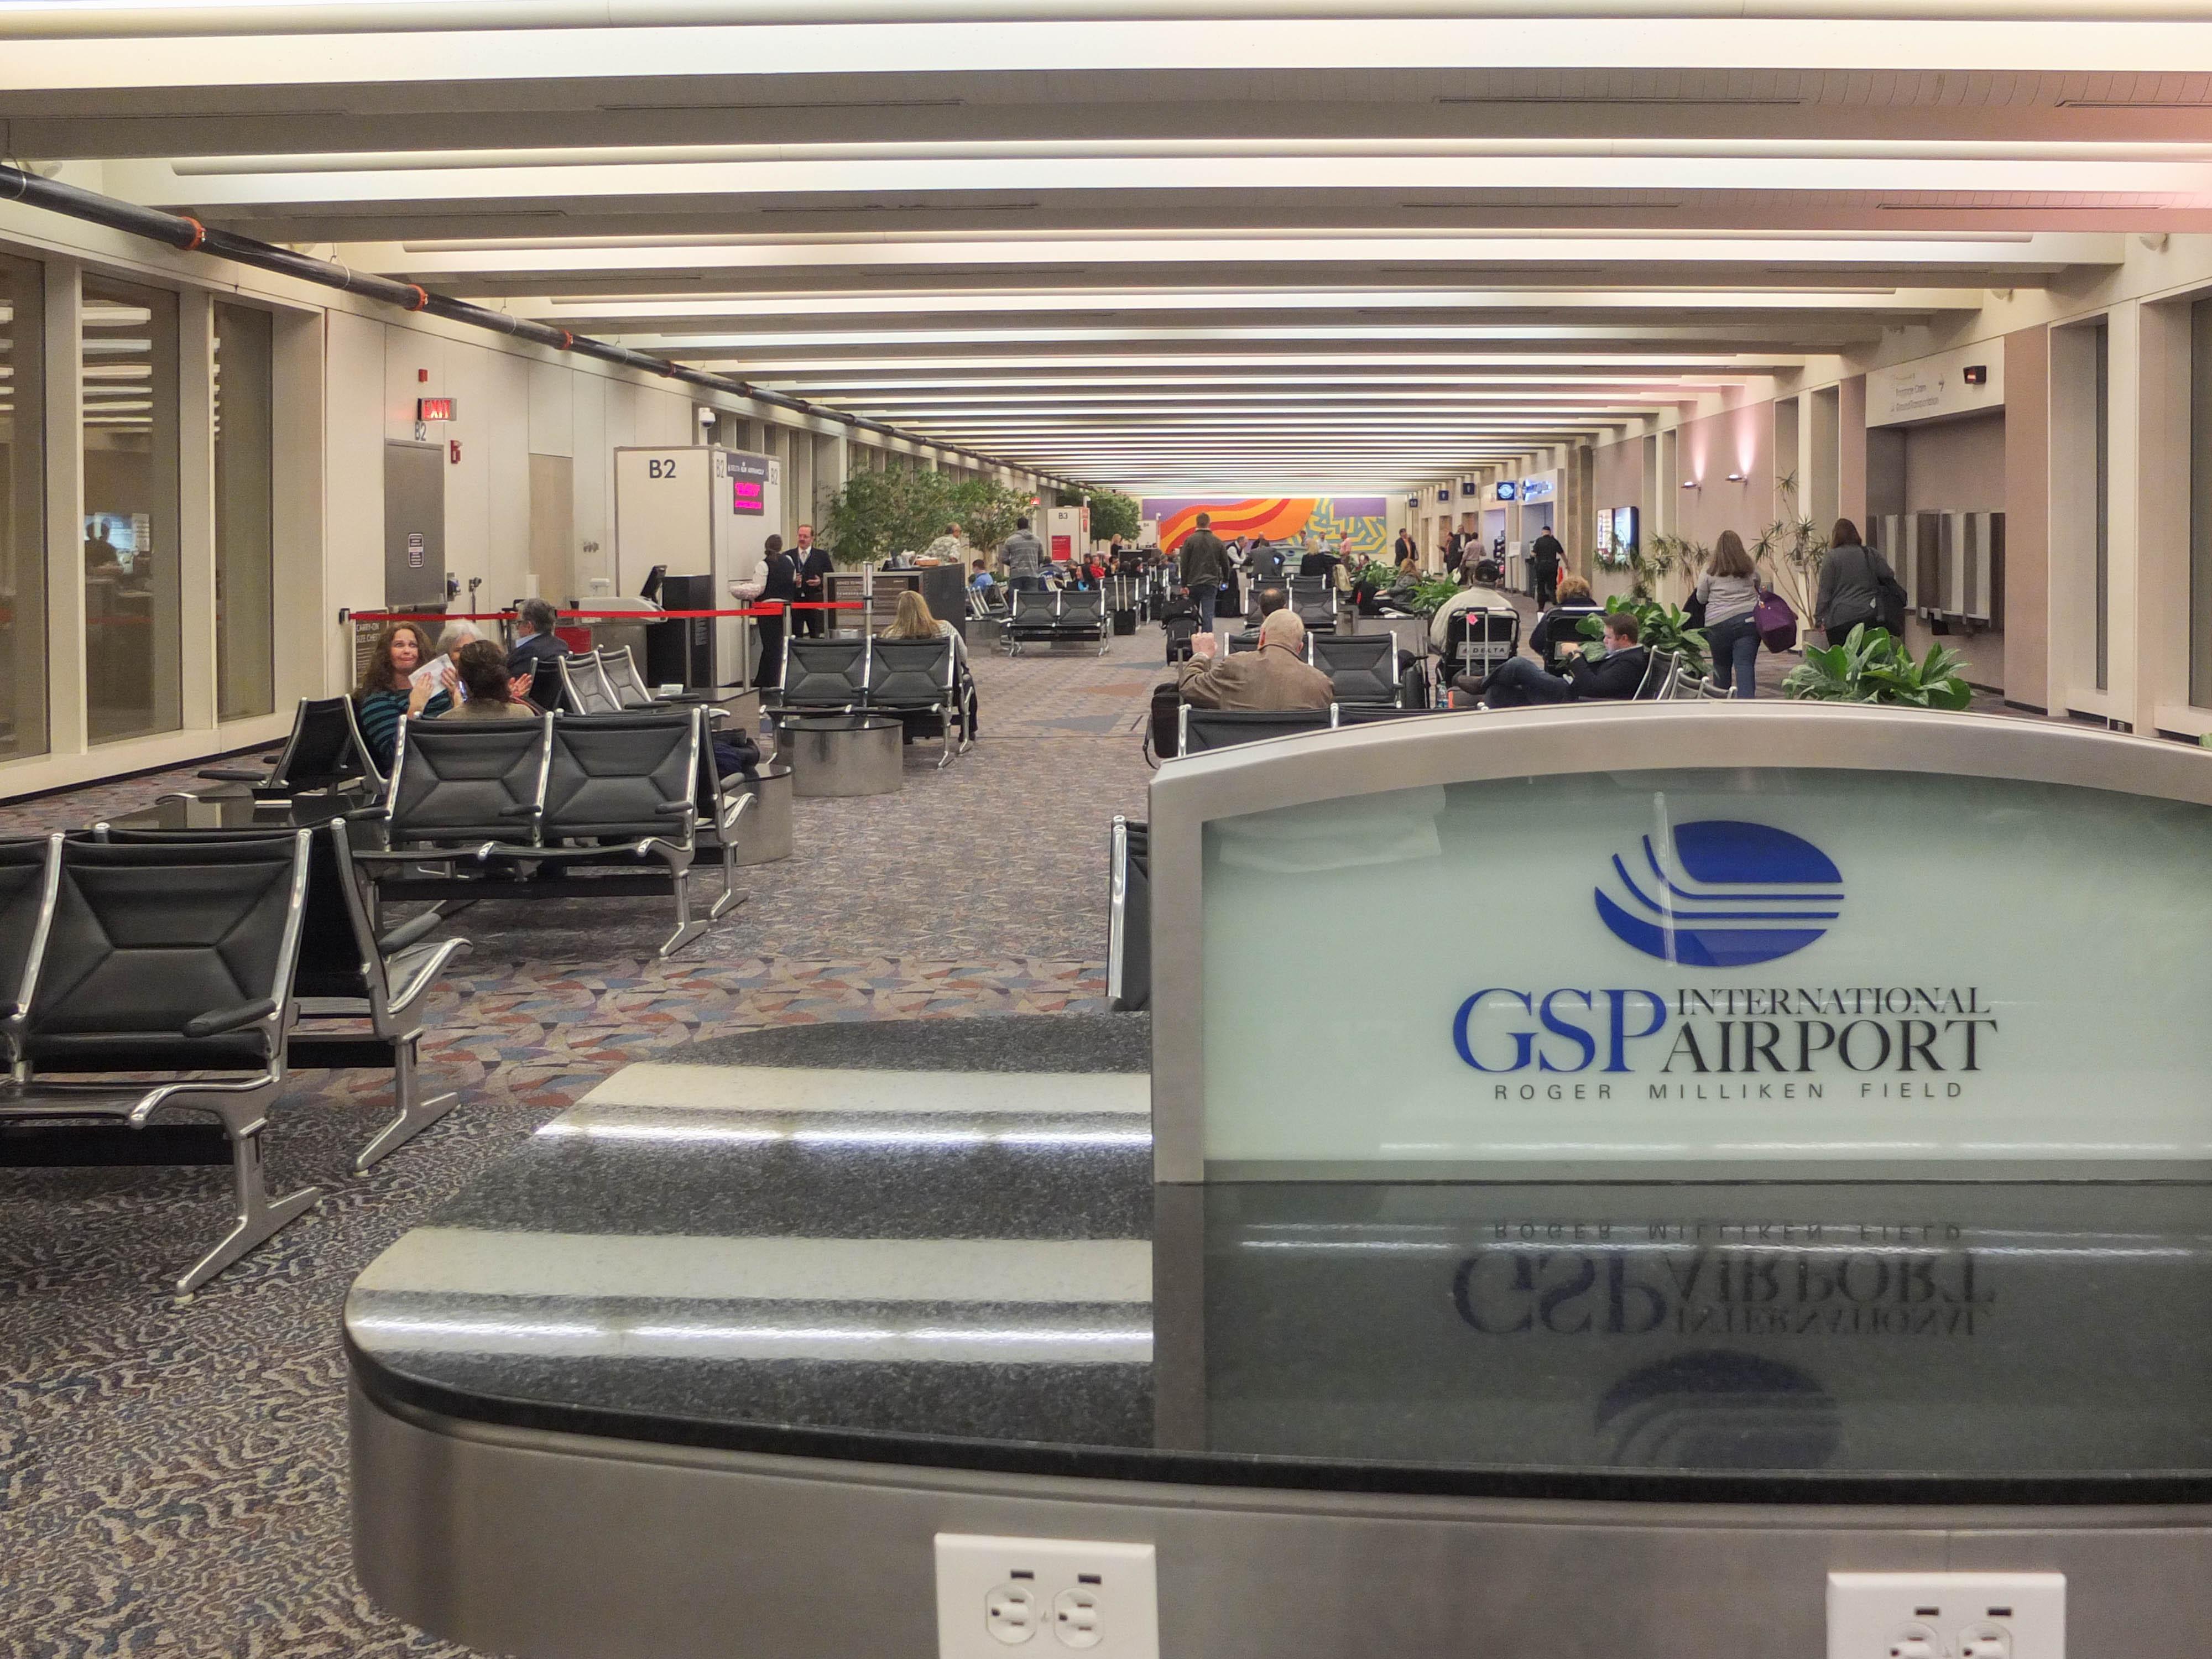 Гринвилл аэропорт